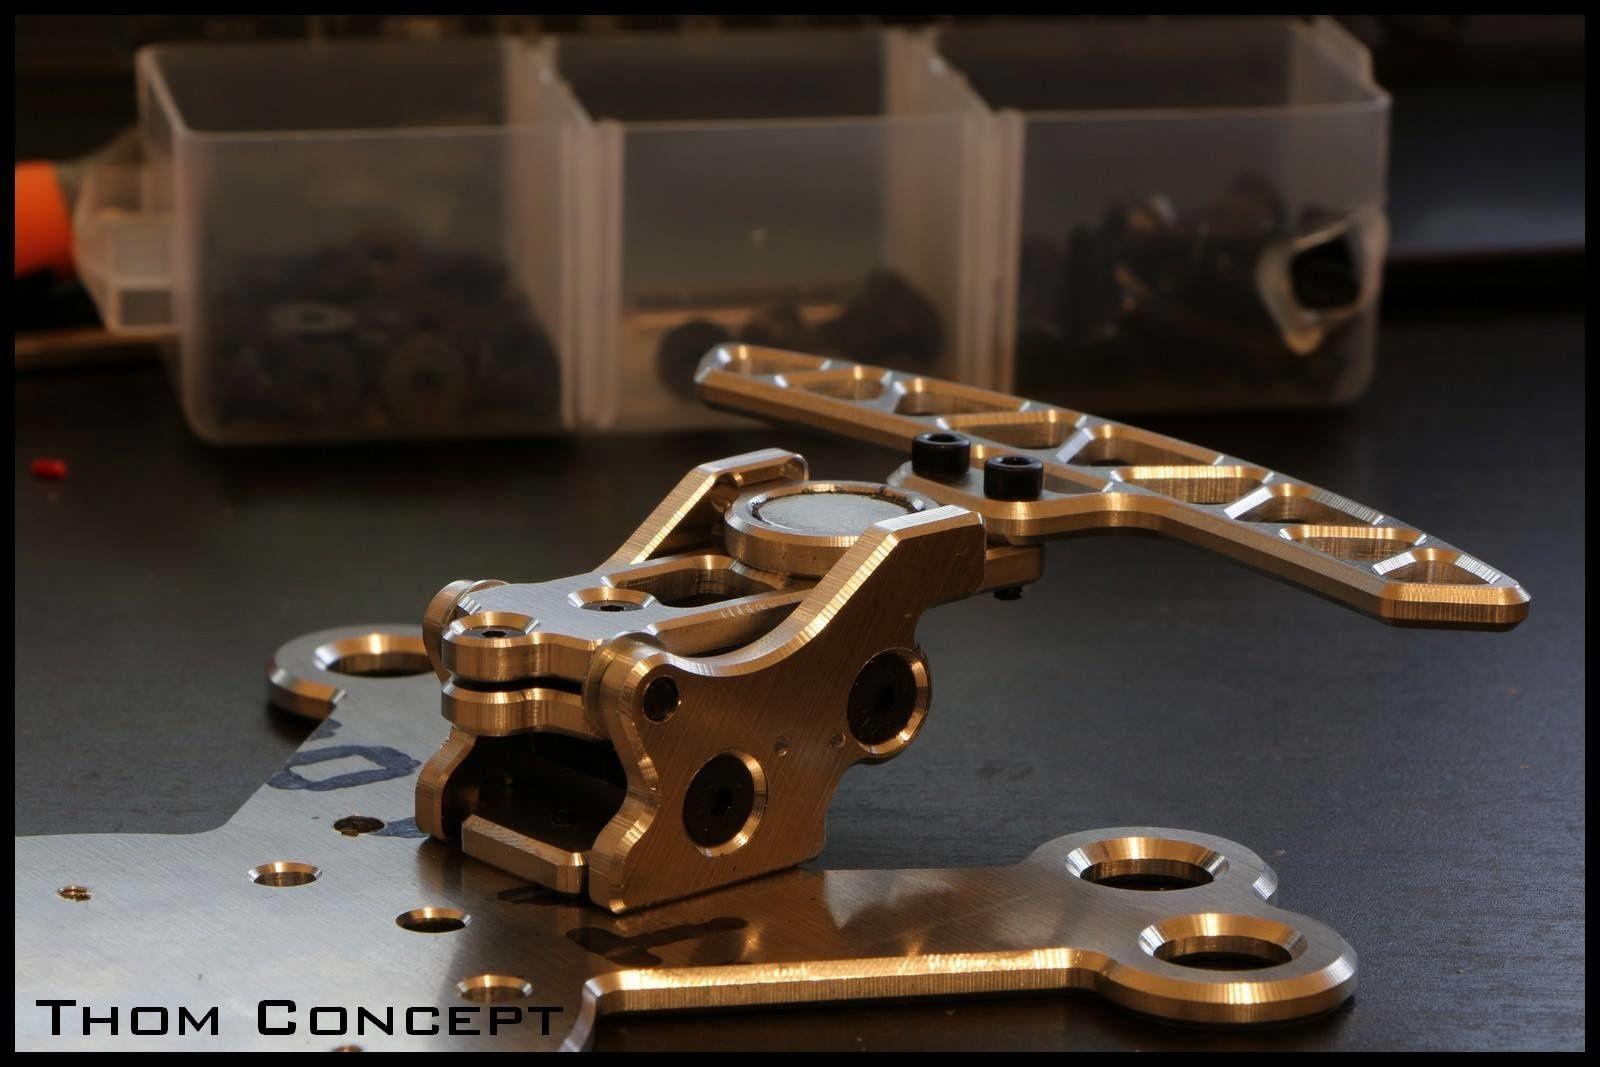 Des palettes-shifters magnétiques bientôt dispo chez ThomConcept